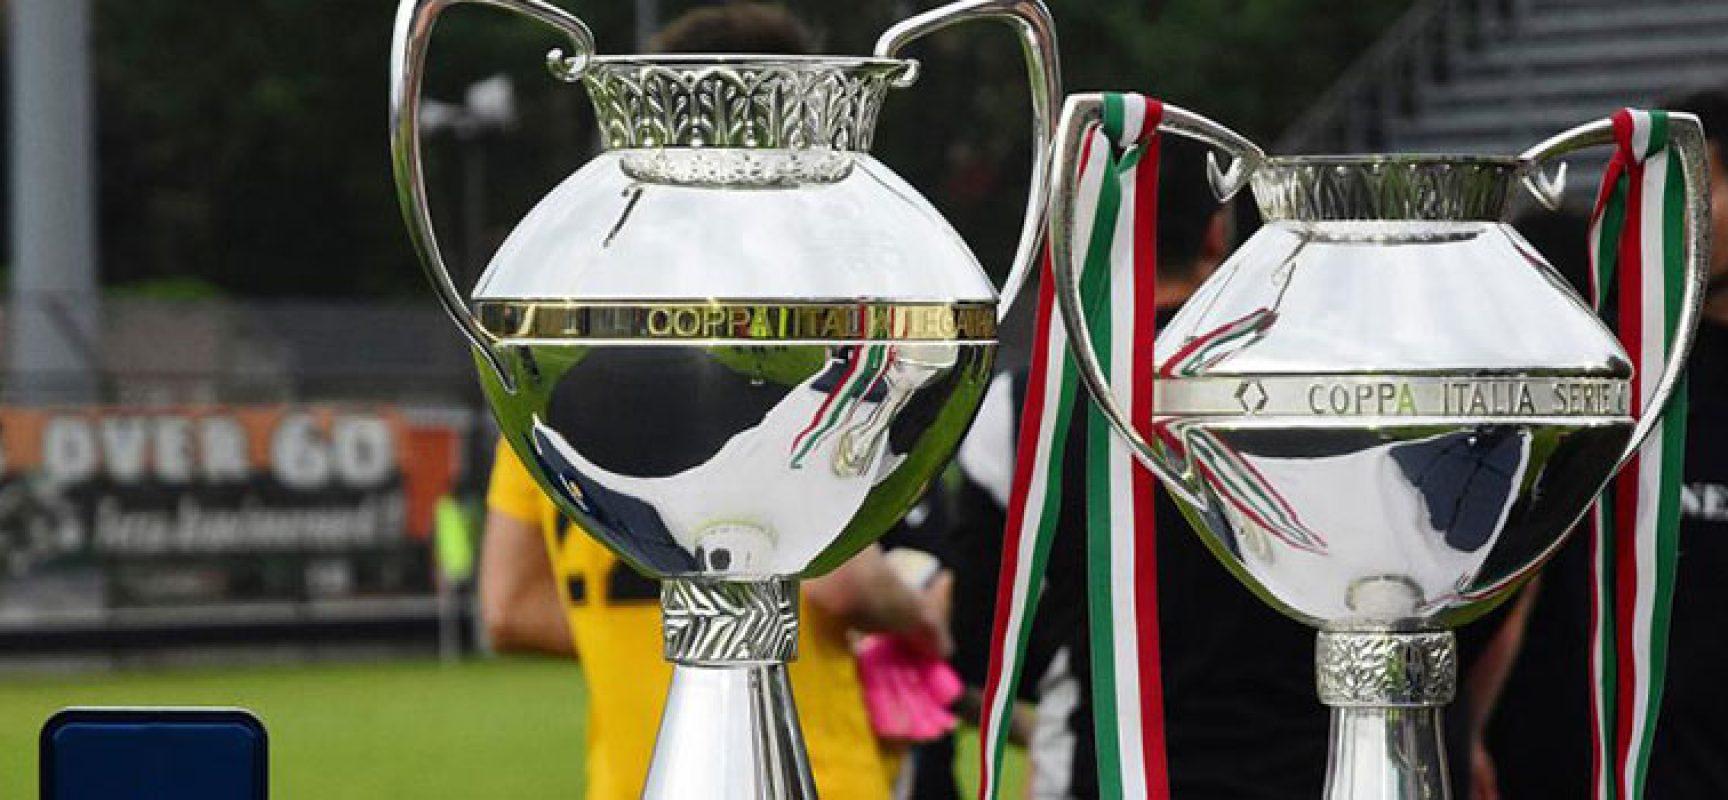 Bisceglie Calcio: tra tanti dubbi una certezza, il 5 agosto c'è la Coppa Italia